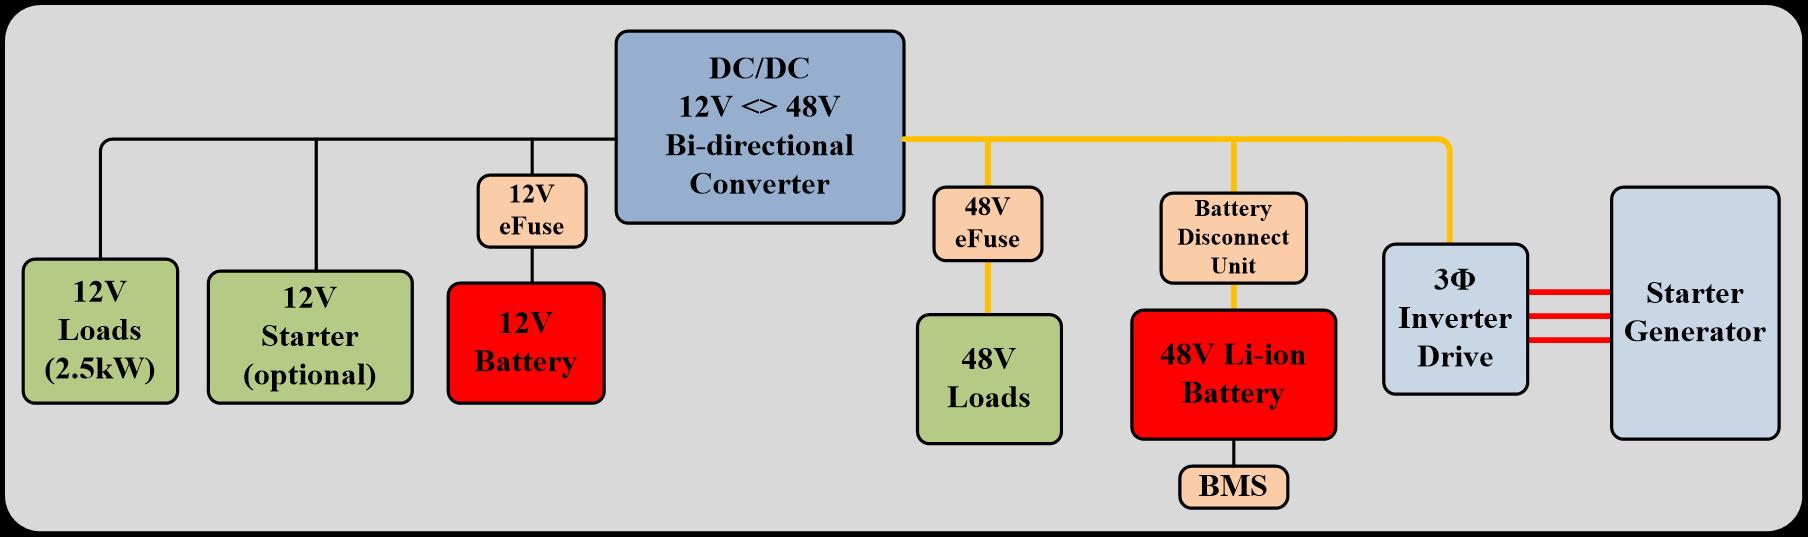 适用于轻度混合动力汽车的48V汽车系统